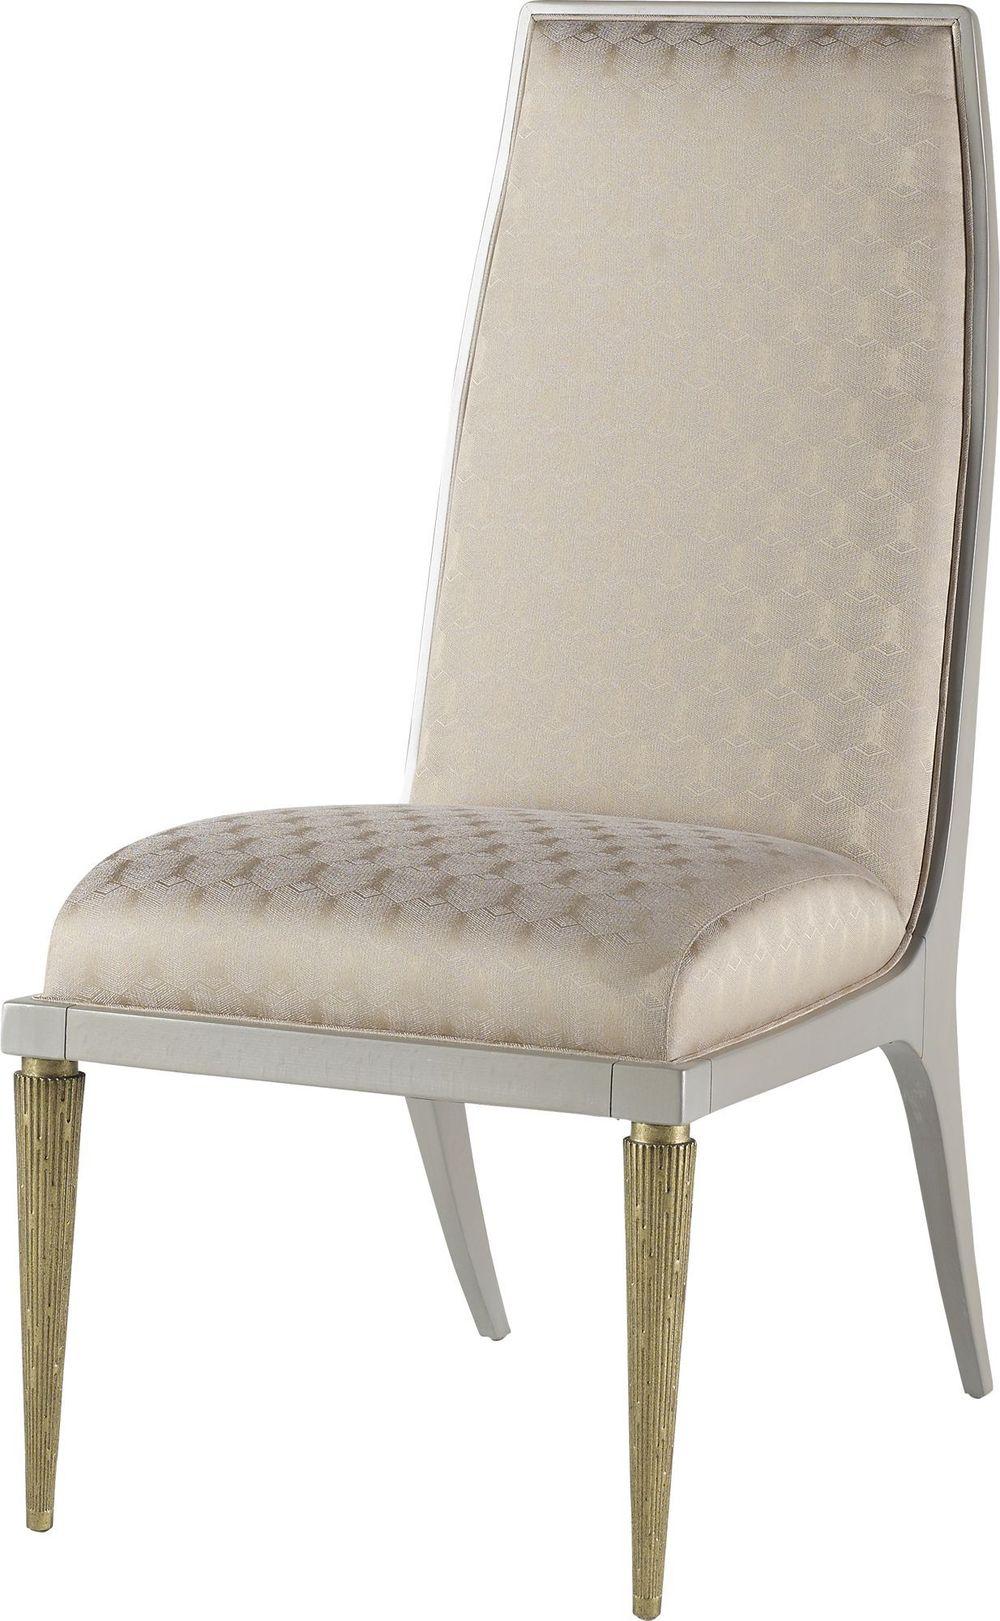 Baker Furniture - Jasper Side Chair